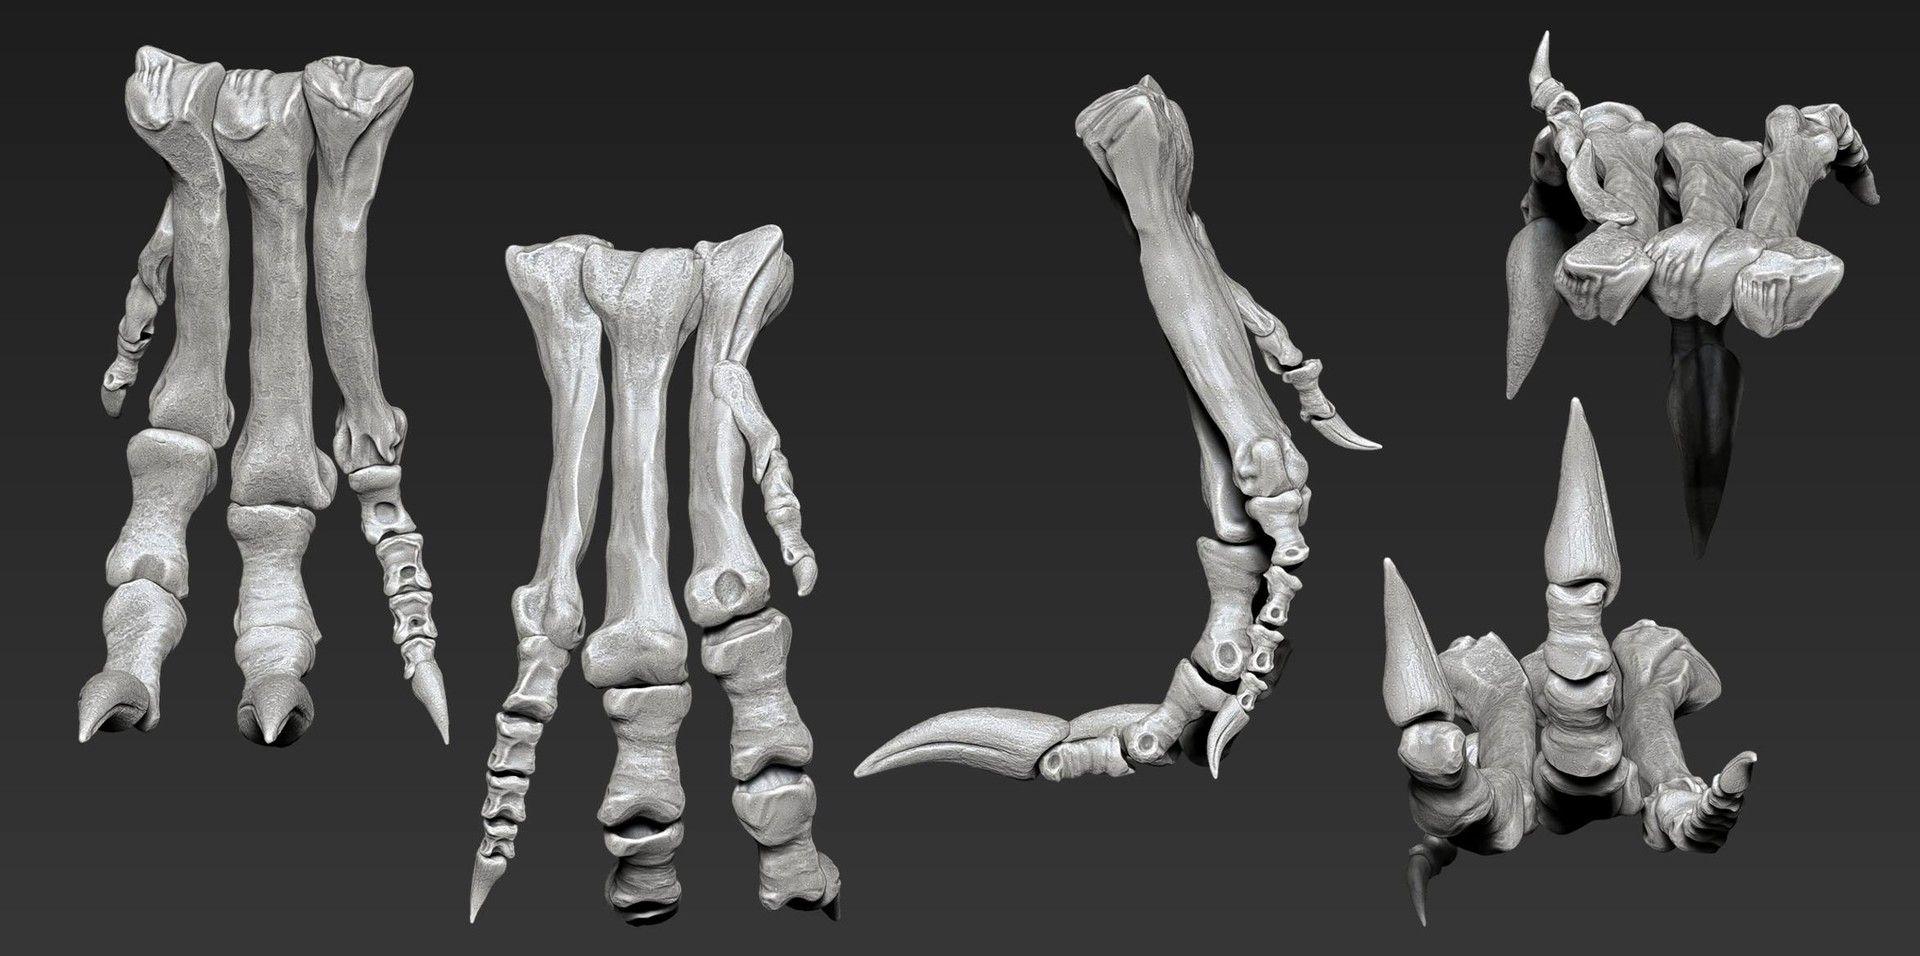 ArtStation - The skeleton of Allosaurus, Vitamin Imagination